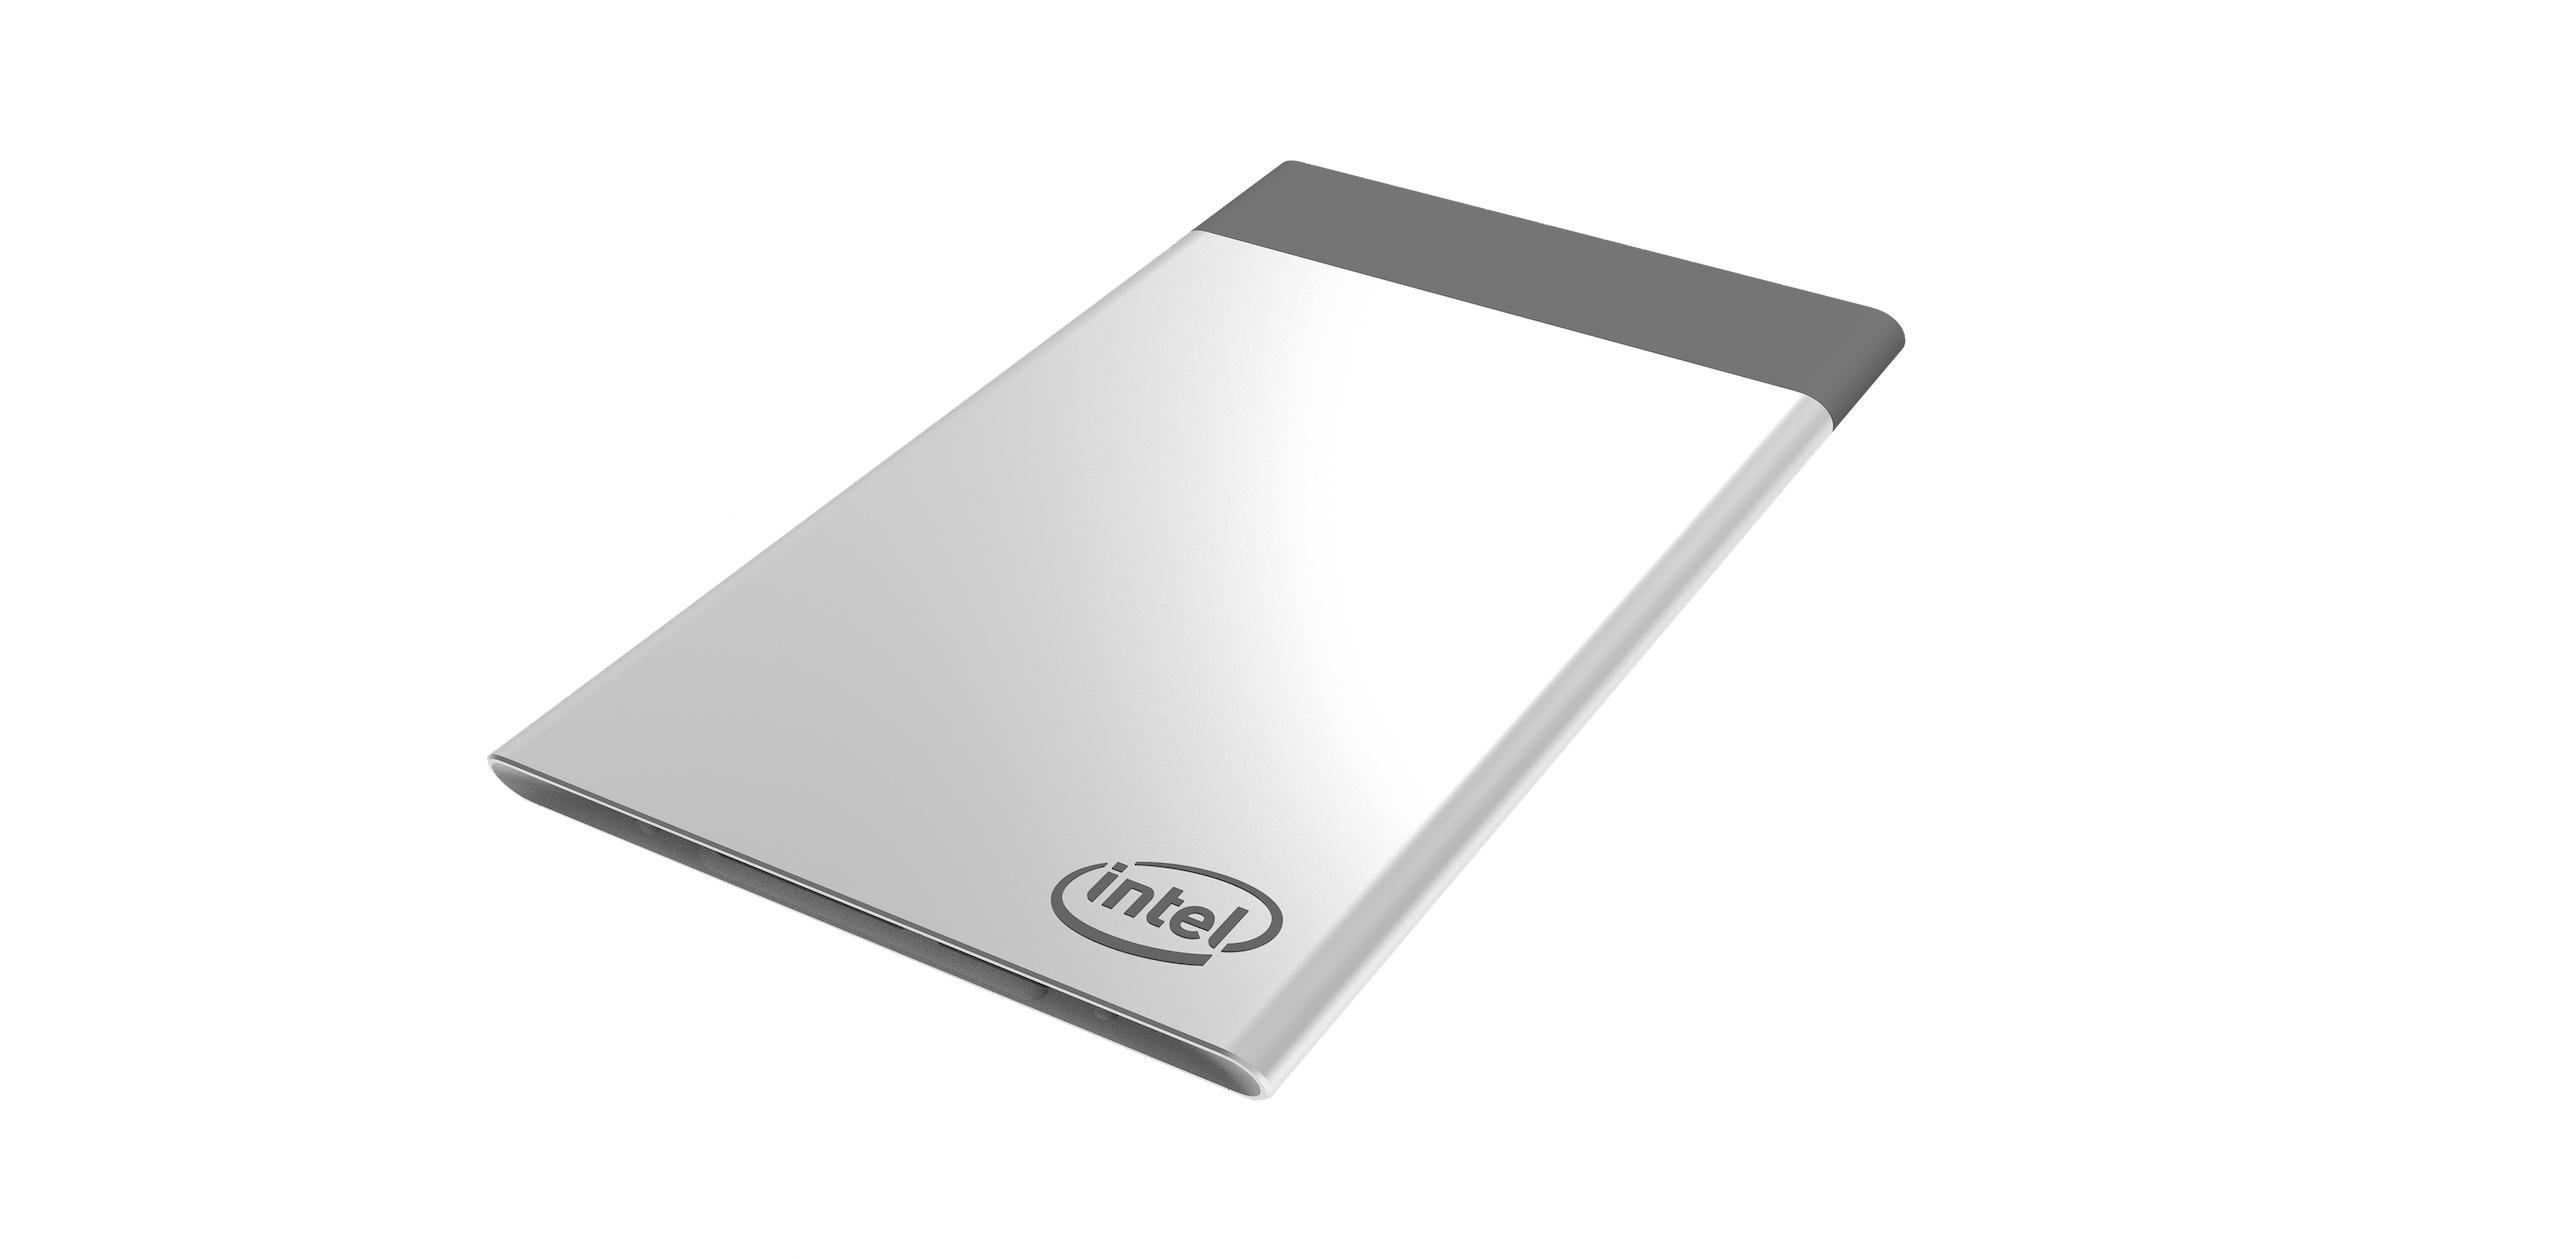 Intel Compute Card CD1P64GK 4GB/64GB/Pentium N4200